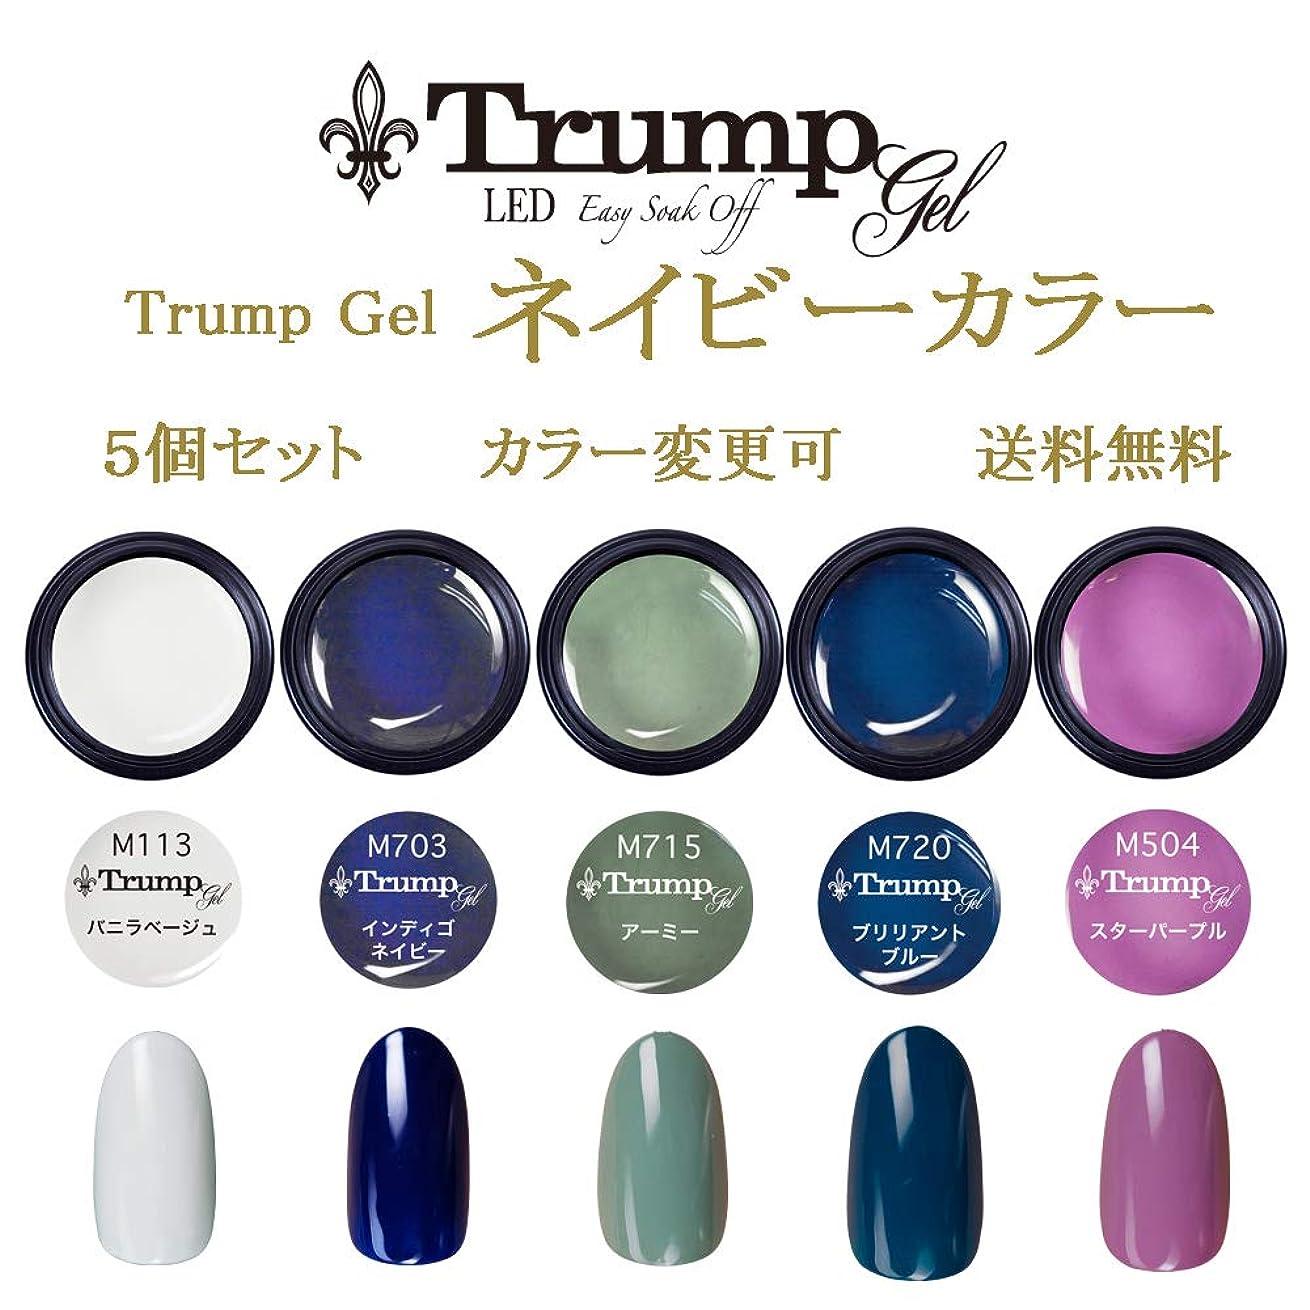 説明提供する魂日本製 Trump gel トランプジェル ネイビーカラー 選べる カラージェル 5個セット ホワイト ブルー ネイビー パープル カーキ グリーン